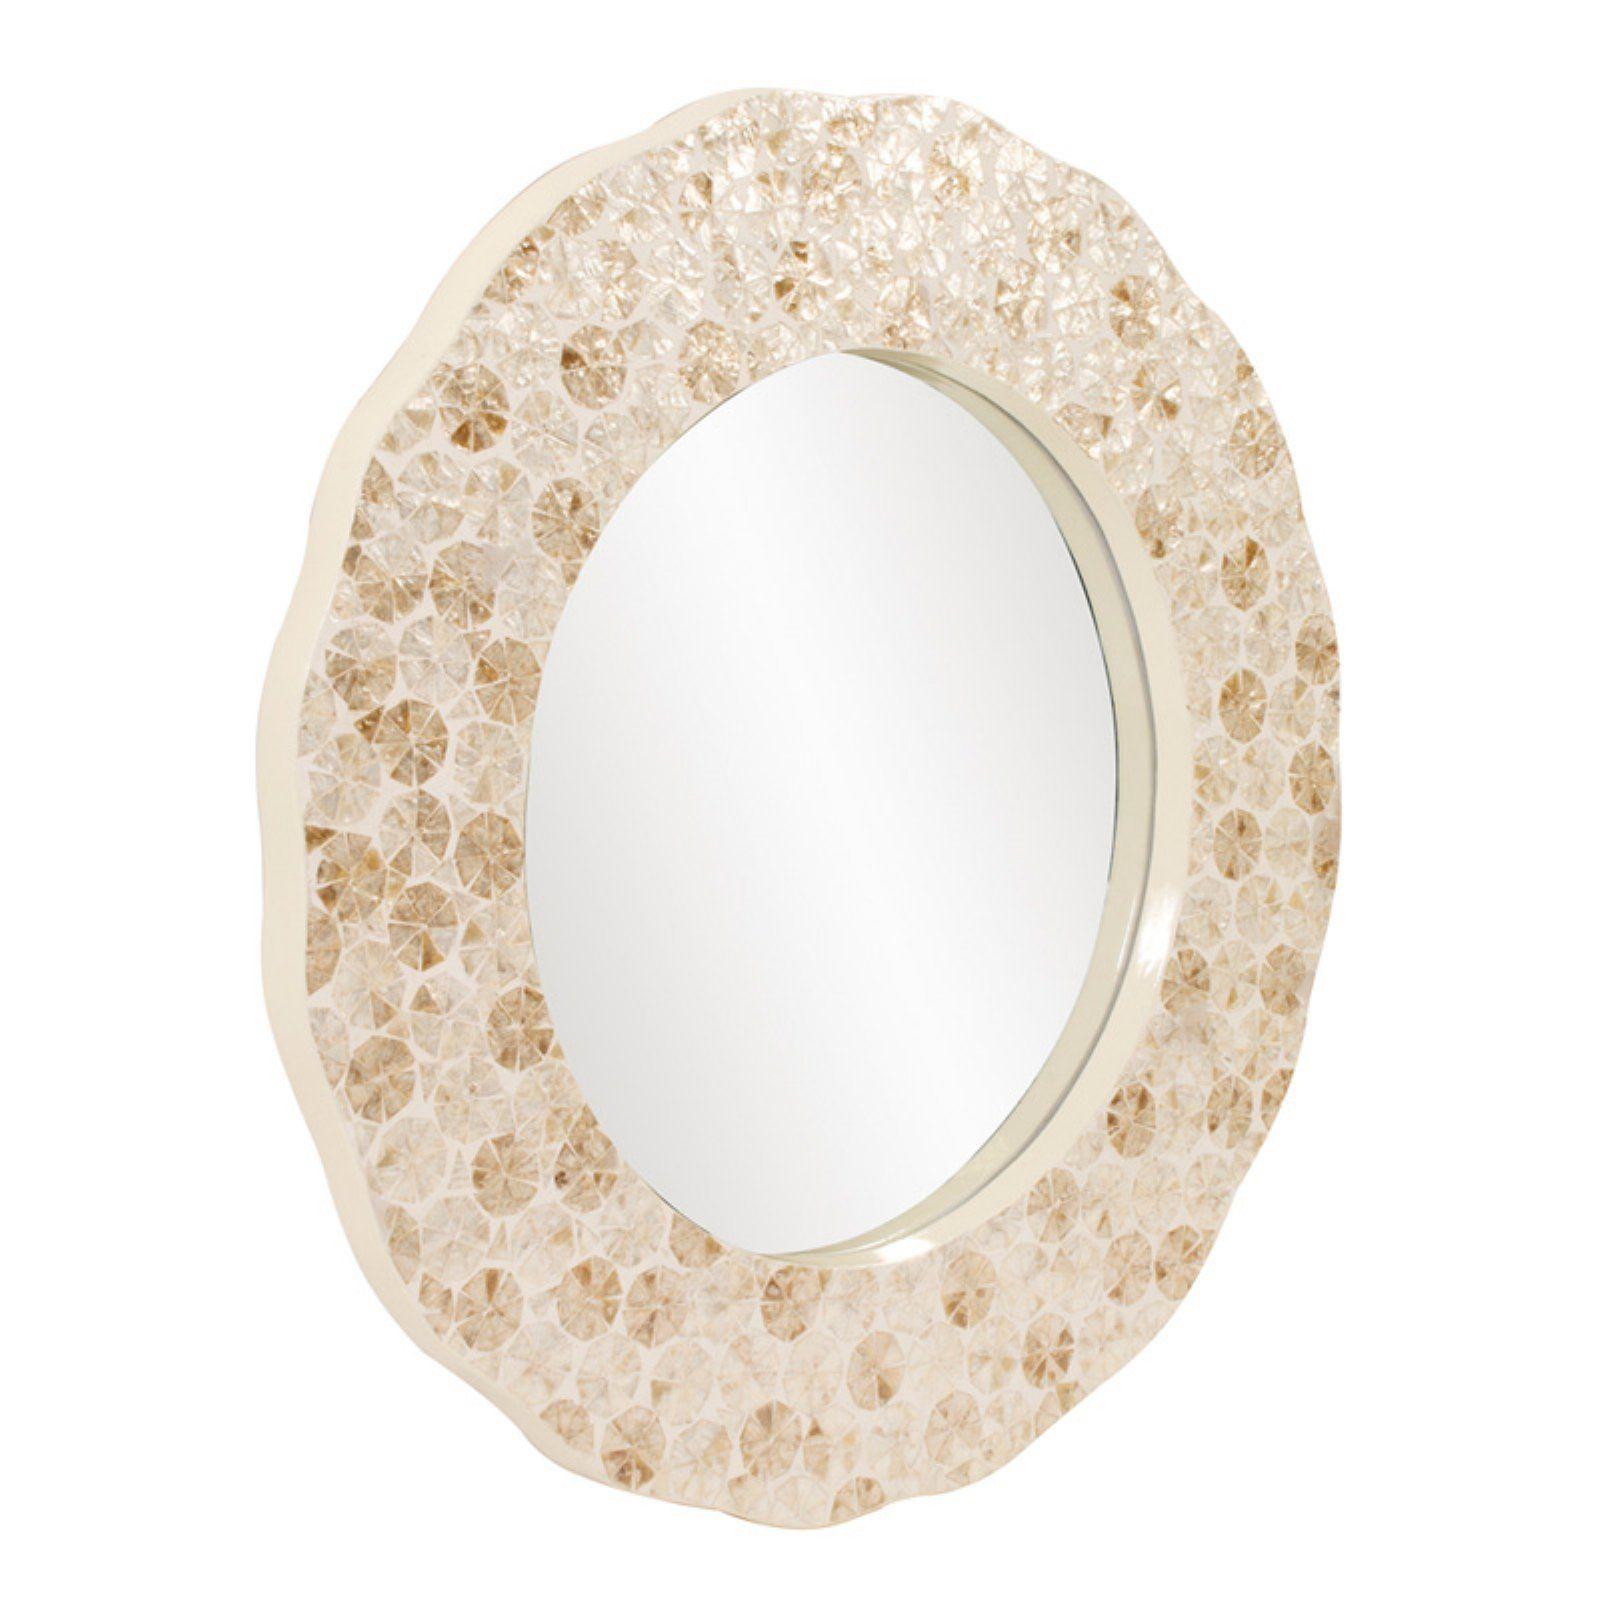 Elizabeth Austin Antigua Shell Wall Mirror 35 5 Diam In